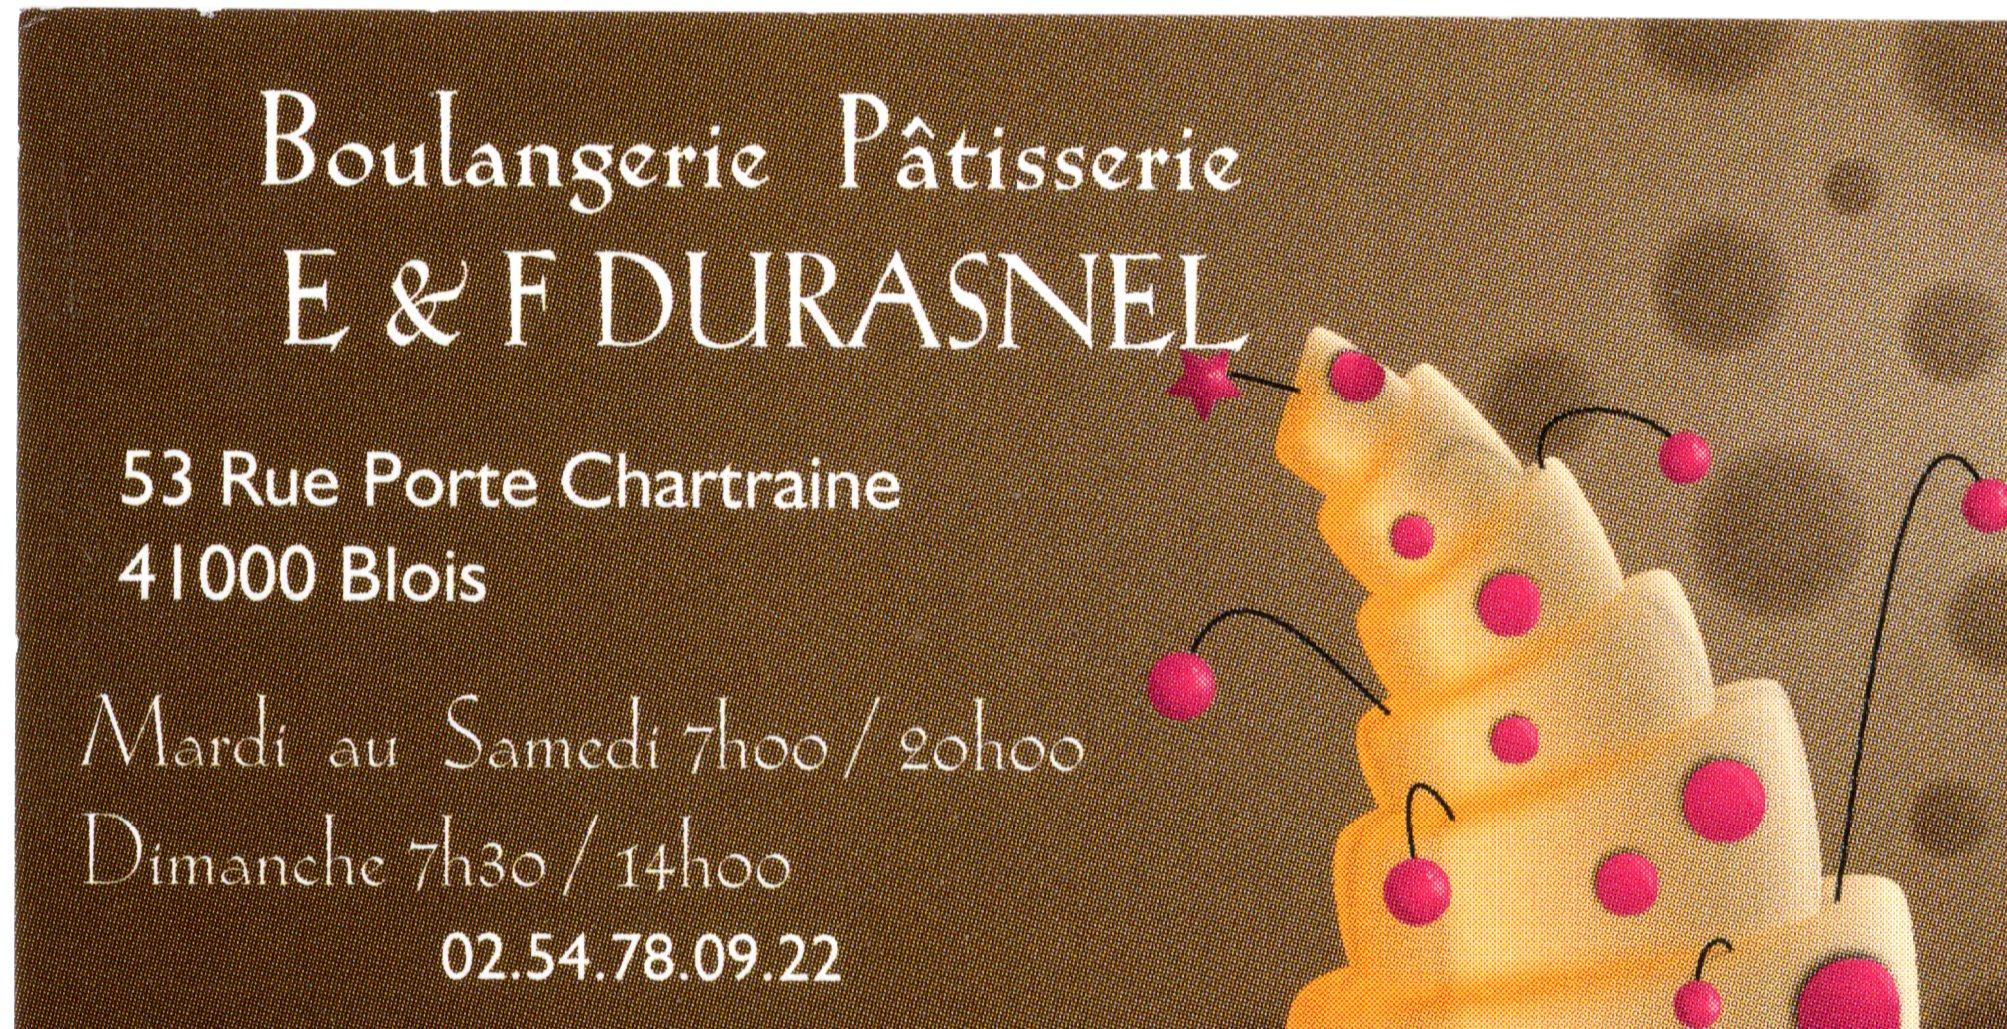 Boulangerie Durasnel